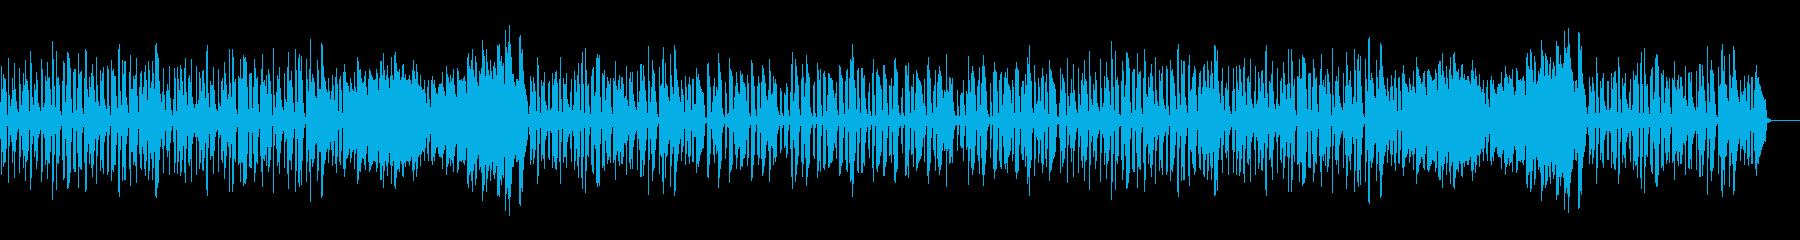 可愛く跳ねるワルツ・ピアノソロの再生済みの波形